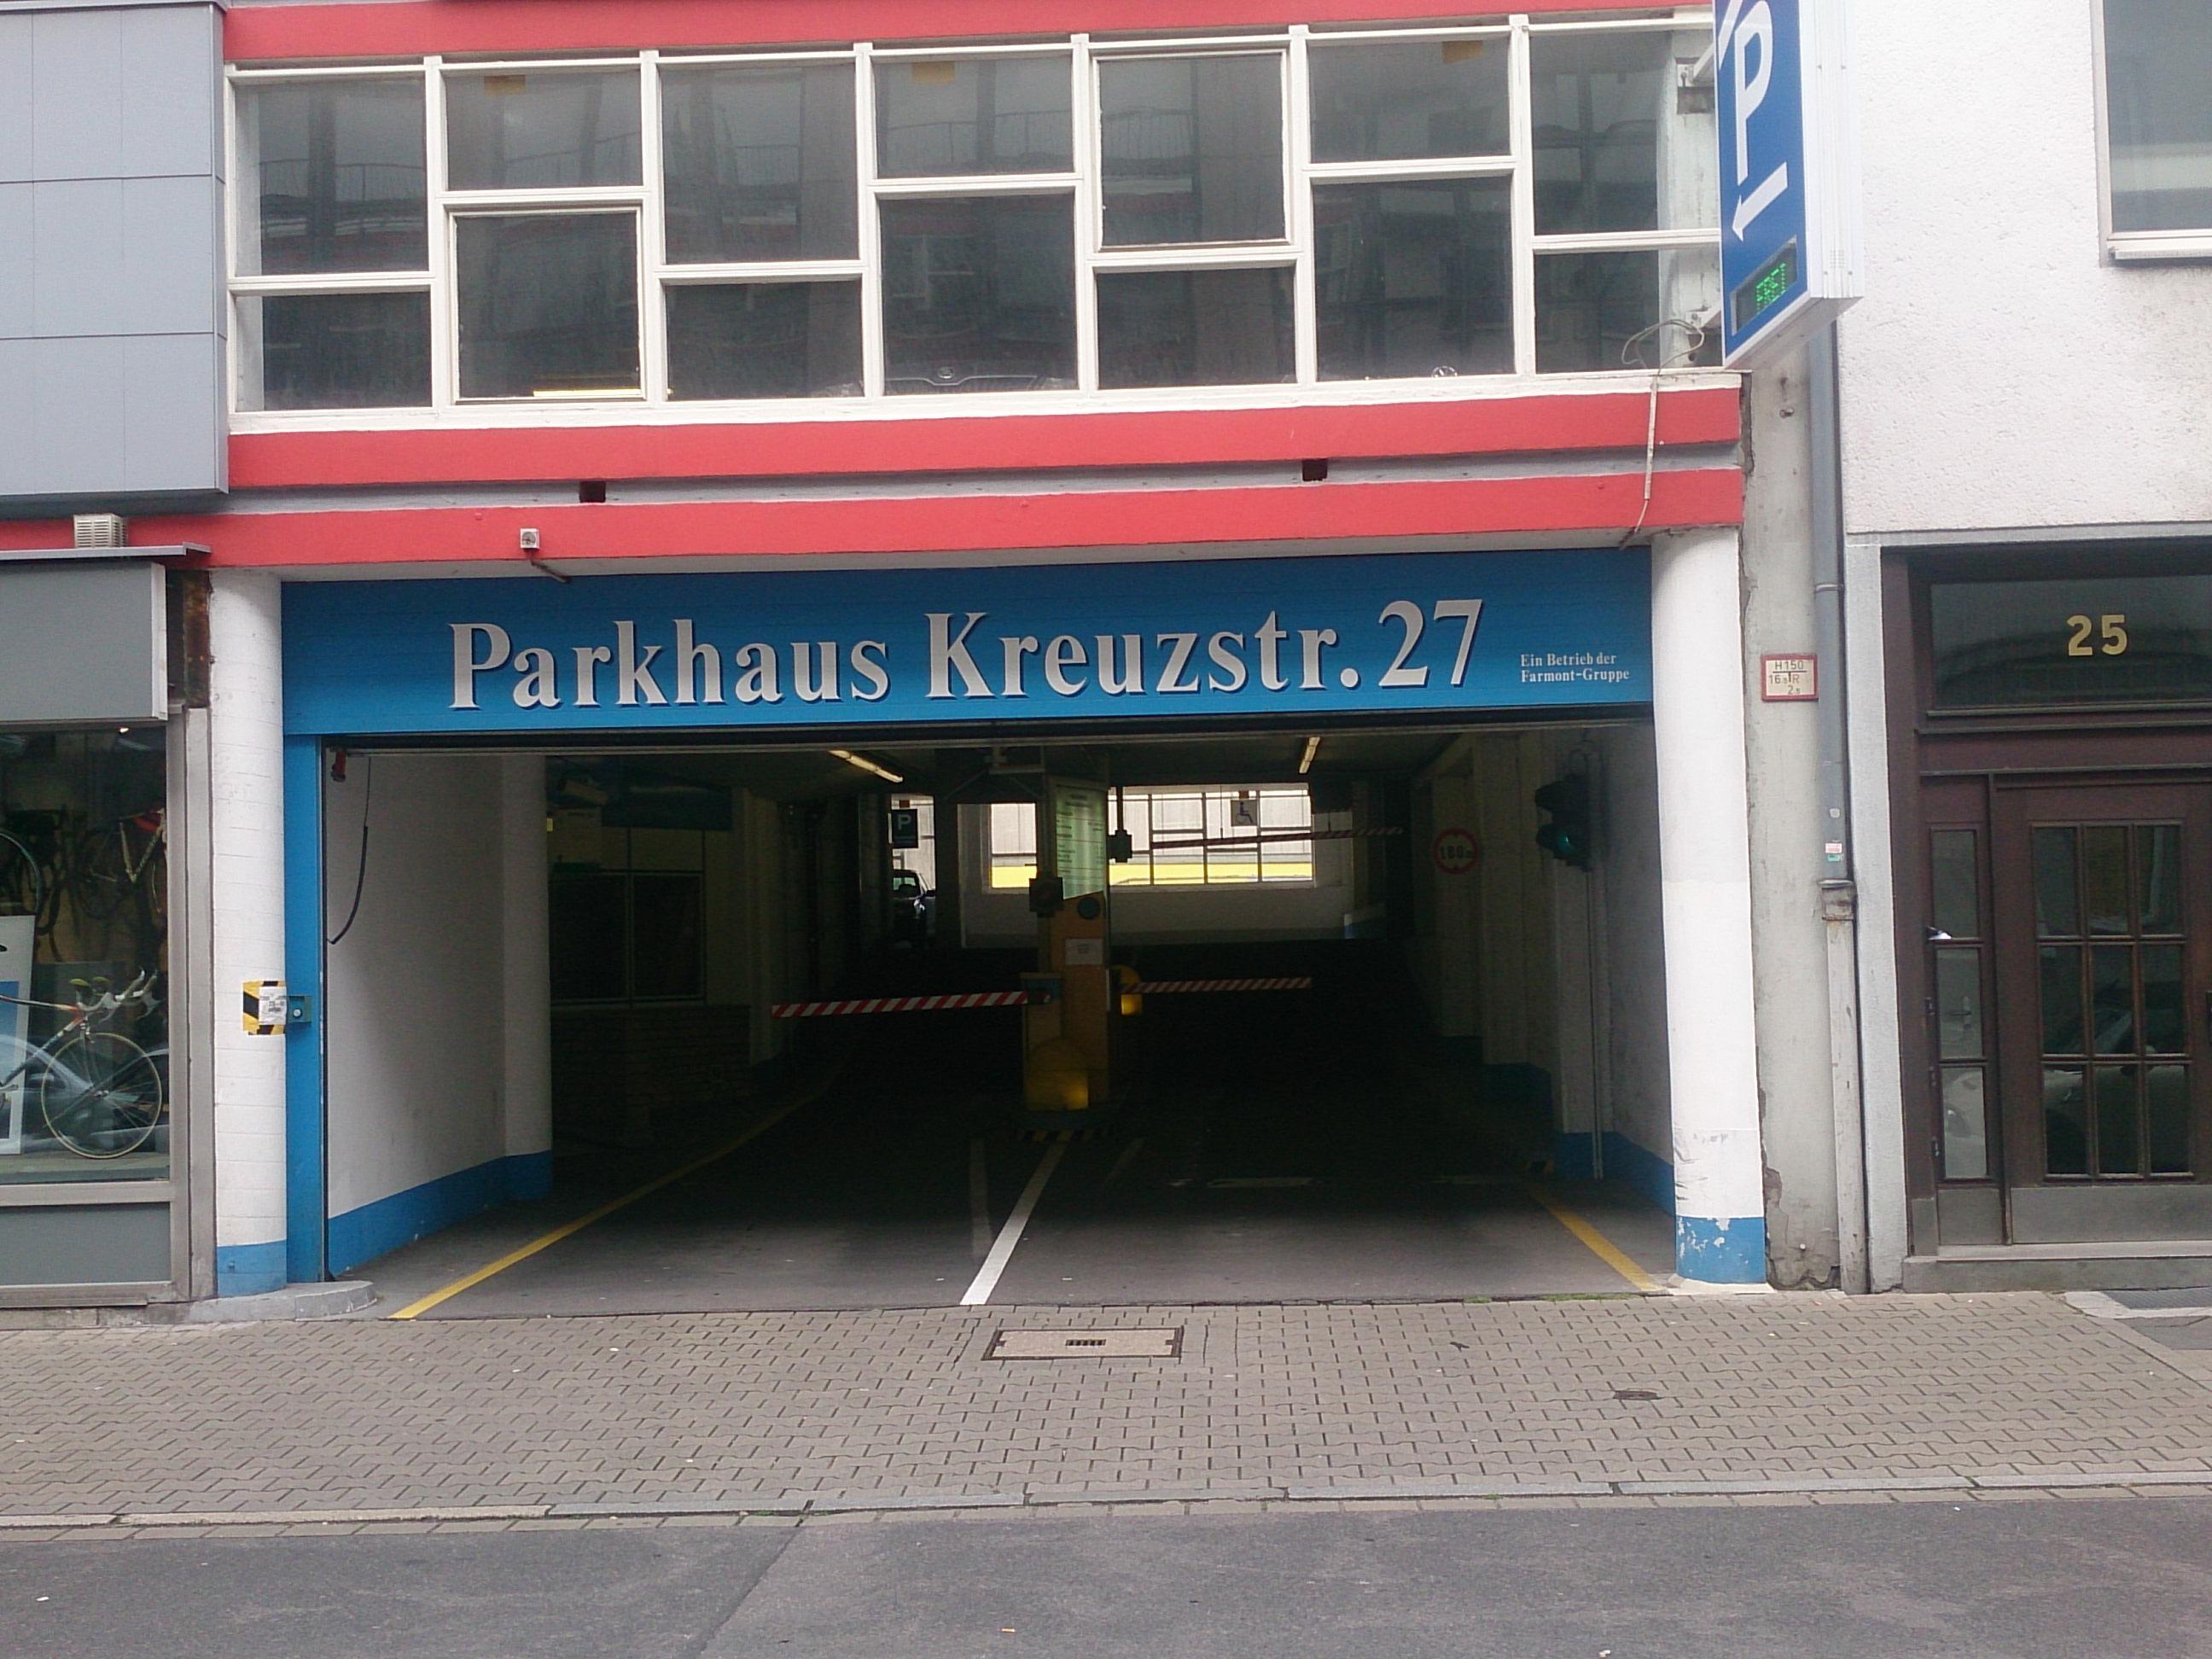 kreuzstra e 27 garage parking in d sseldorf parkme. Black Bedroom Furniture Sets. Home Design Ideas